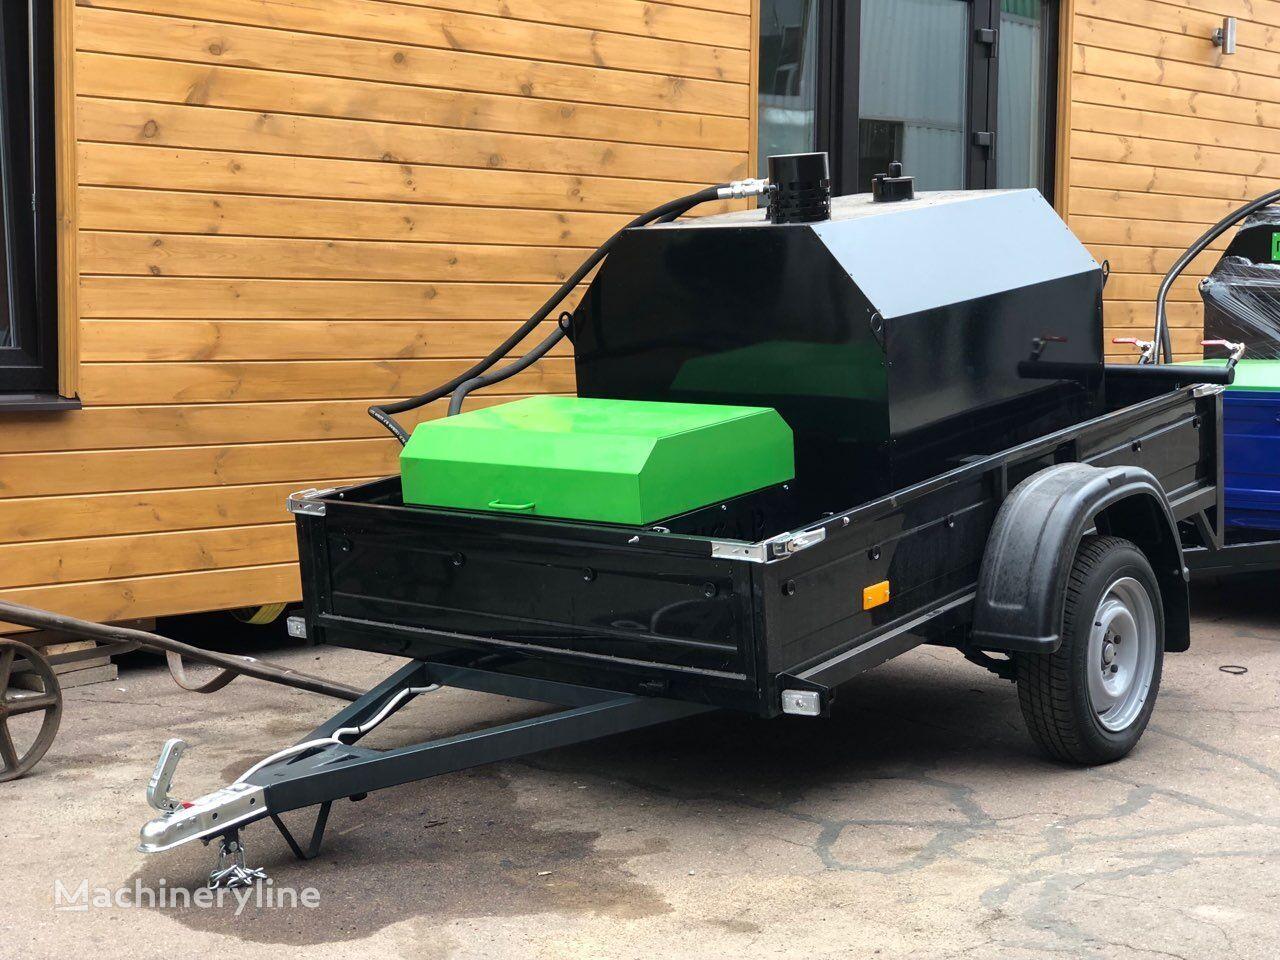 cisterna de riego asfáltico Skrapiarka do asfaltu / Asphalt Sprayer TICAB BS-1000 nueva